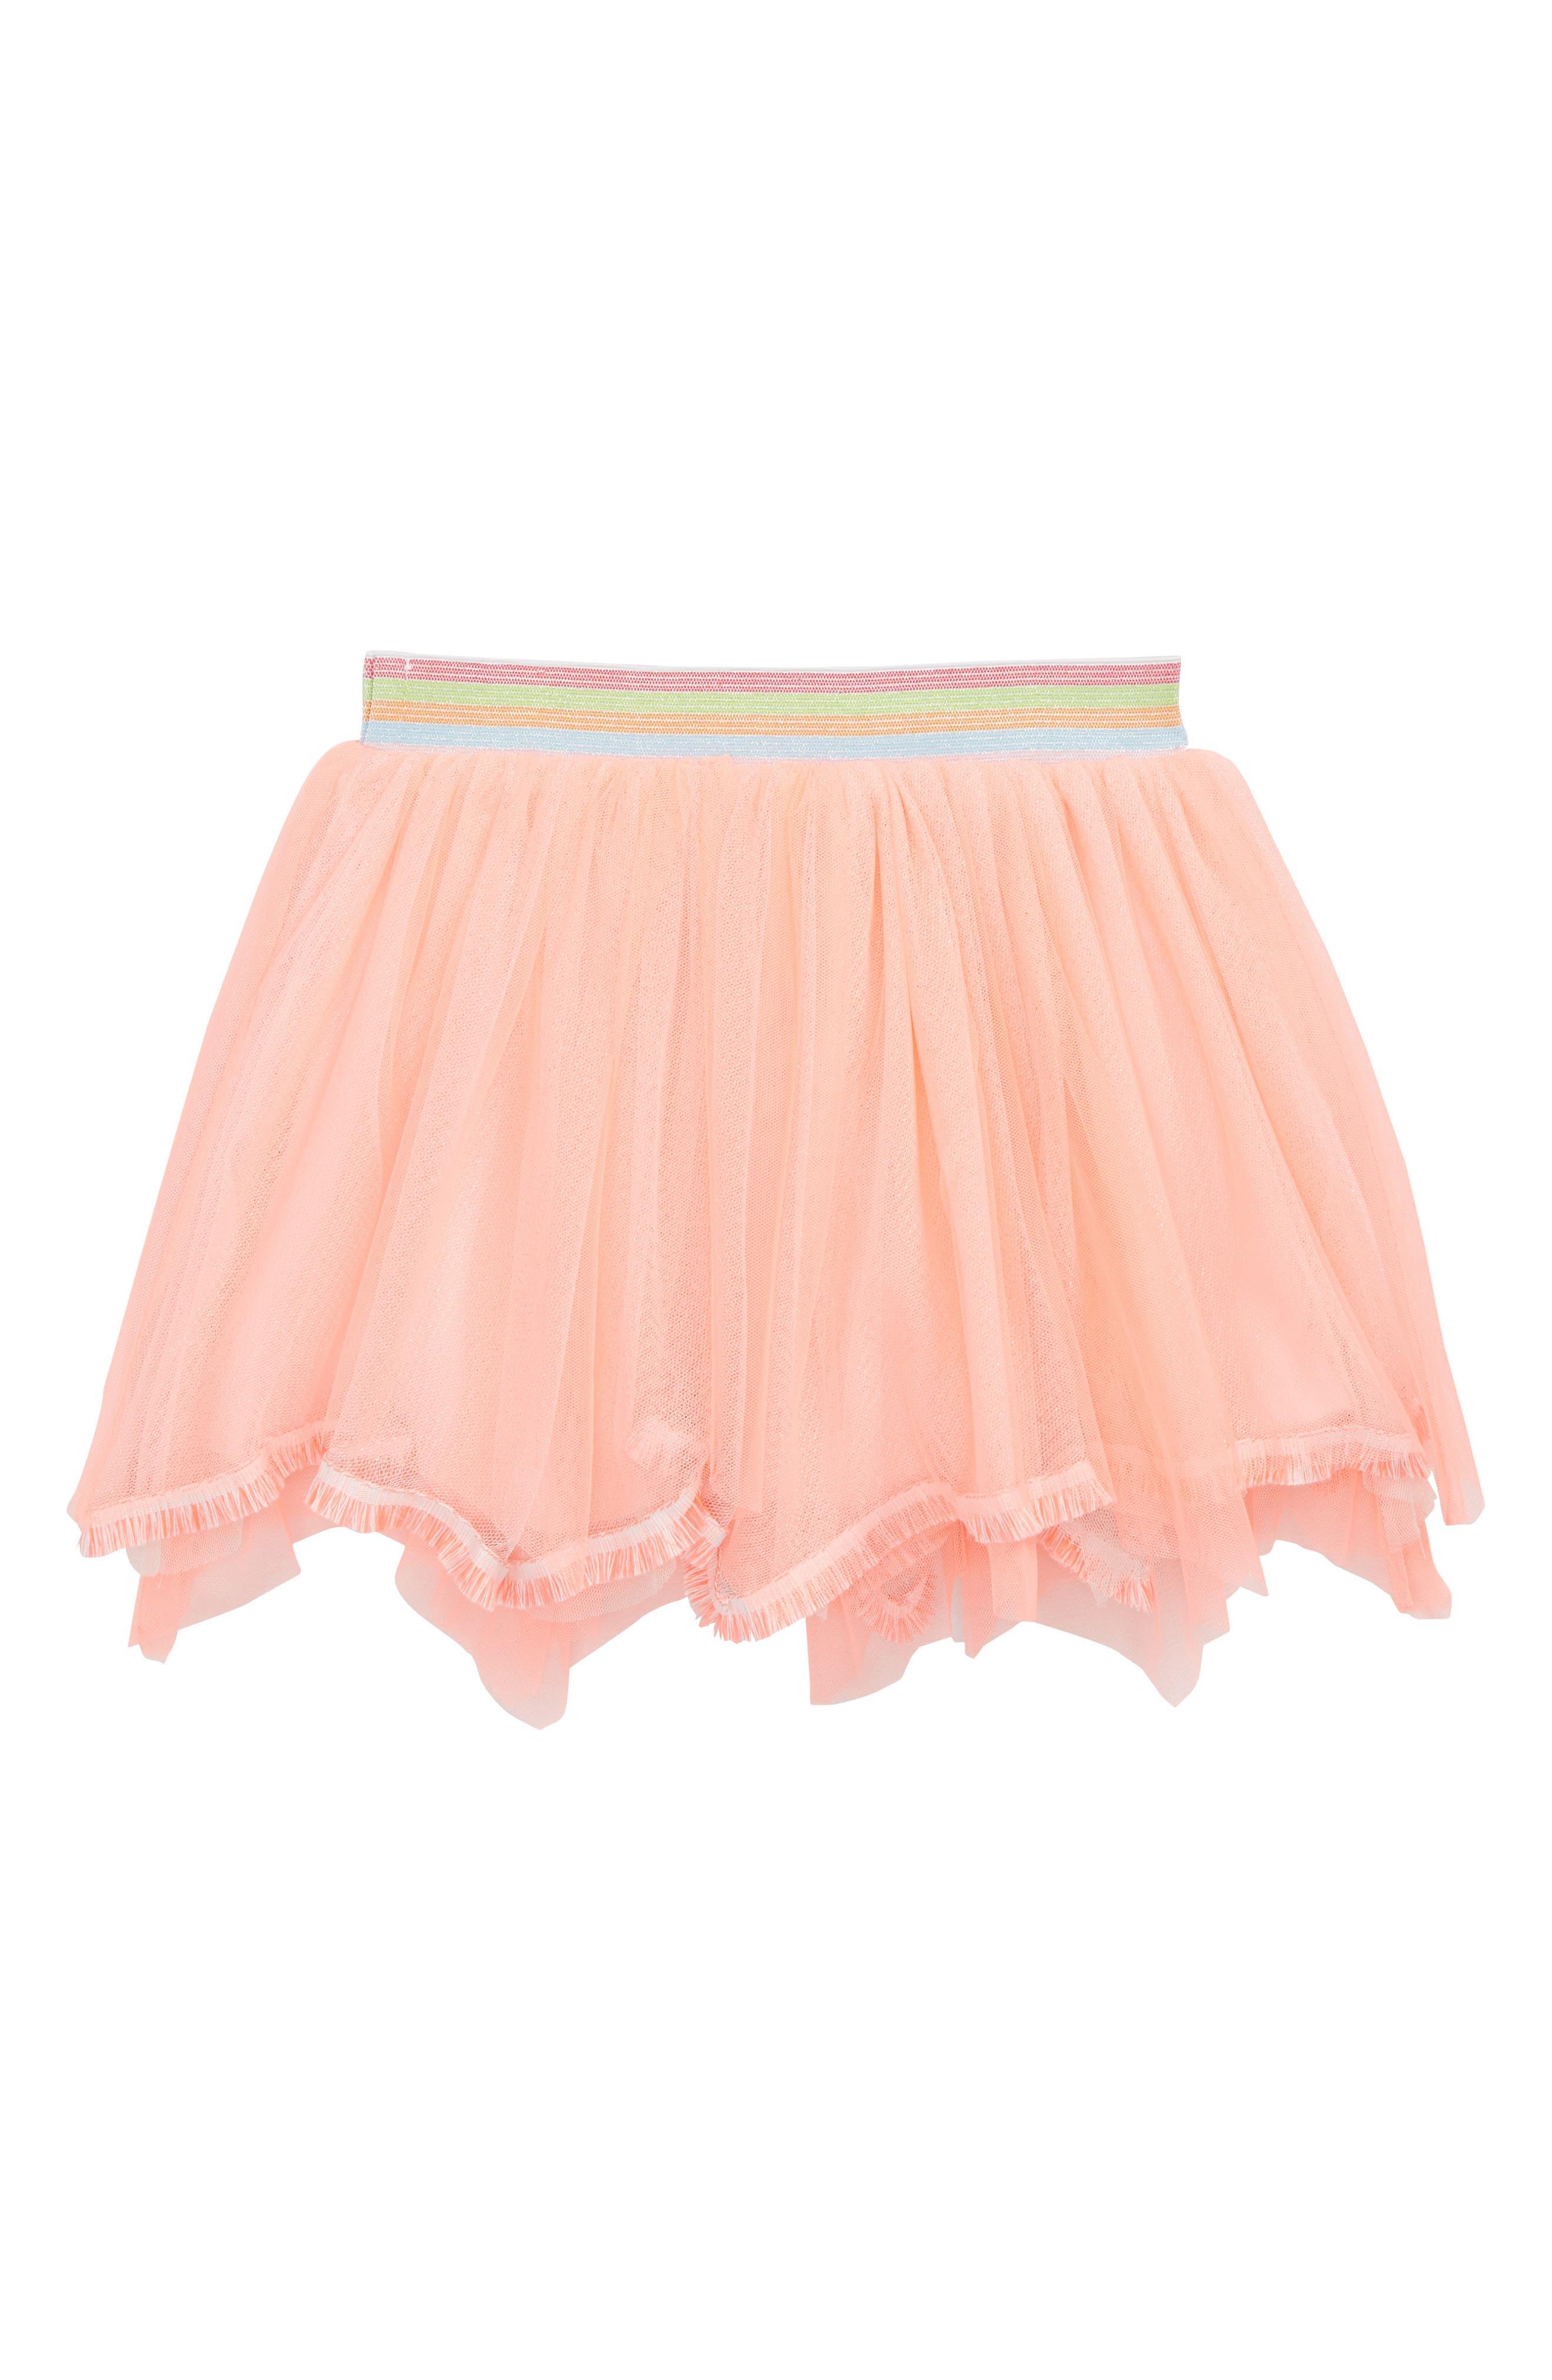 Fringed Hem Tutu Skirt,                         Main,                         color, 950